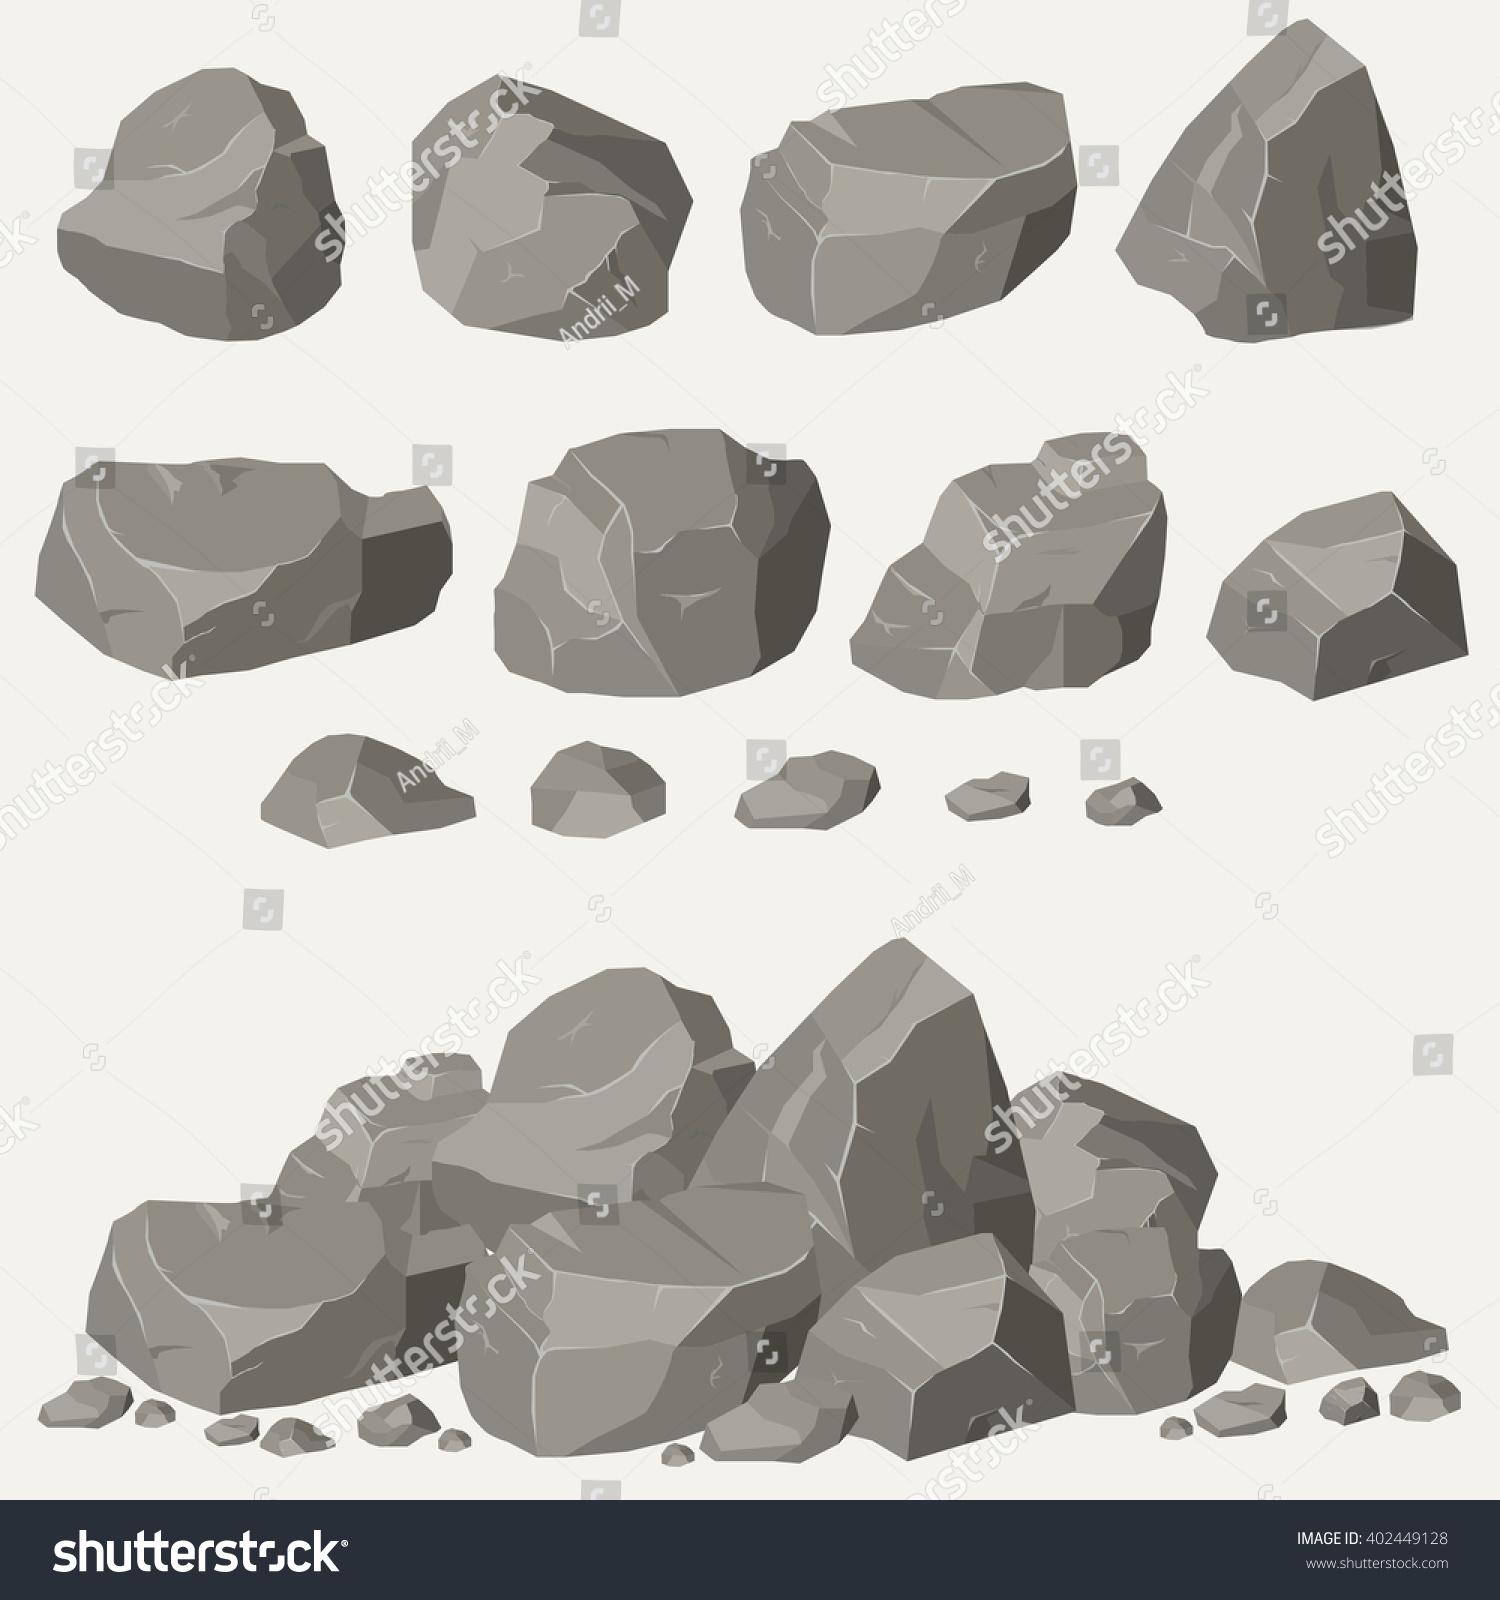 Stone Block Clip Art : Rock stone cartoon isometric d flat stock vector